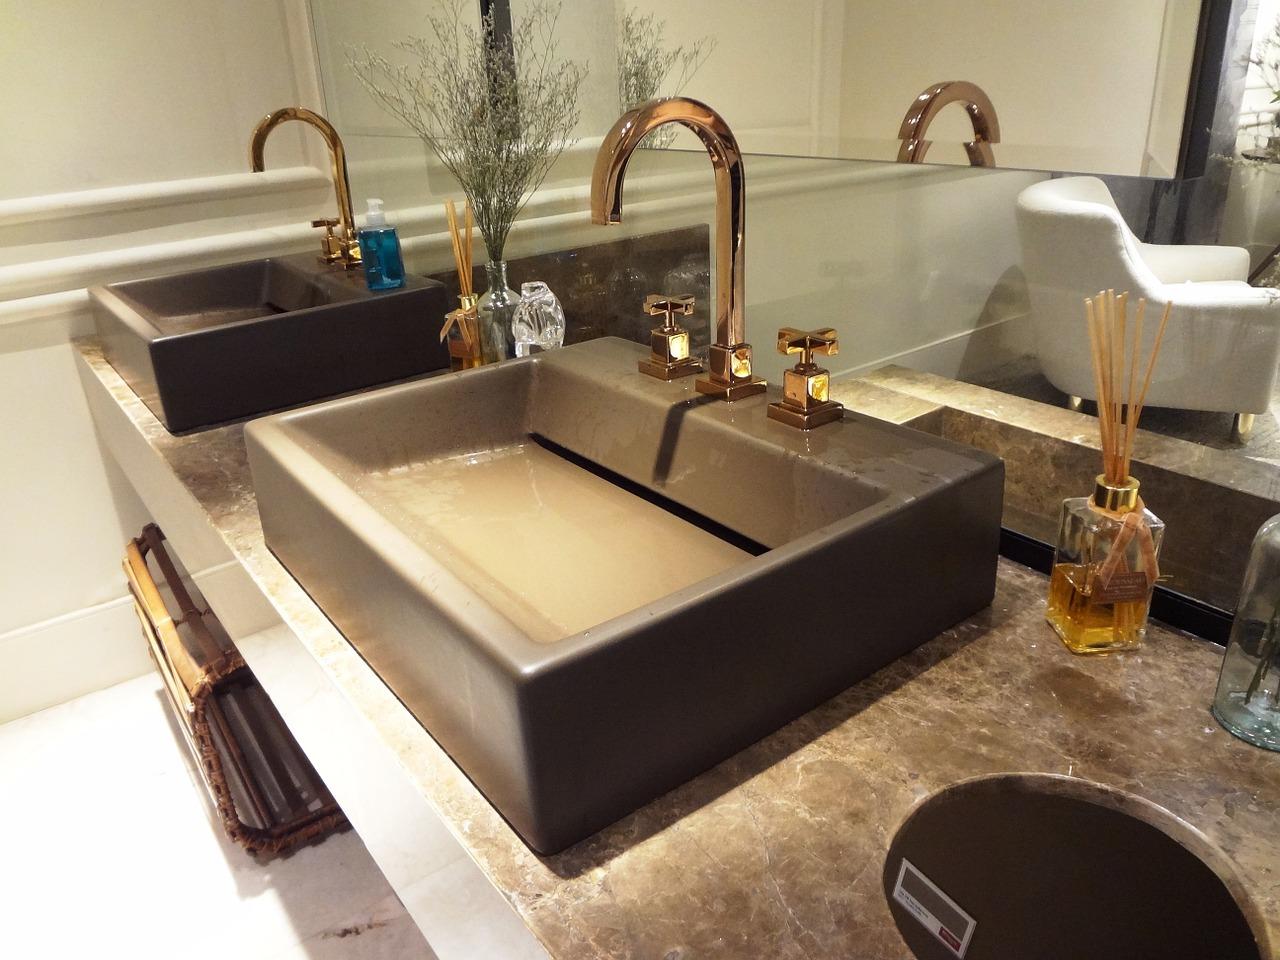 Décoration de salle de bains : que faut-il prendre en compte ?